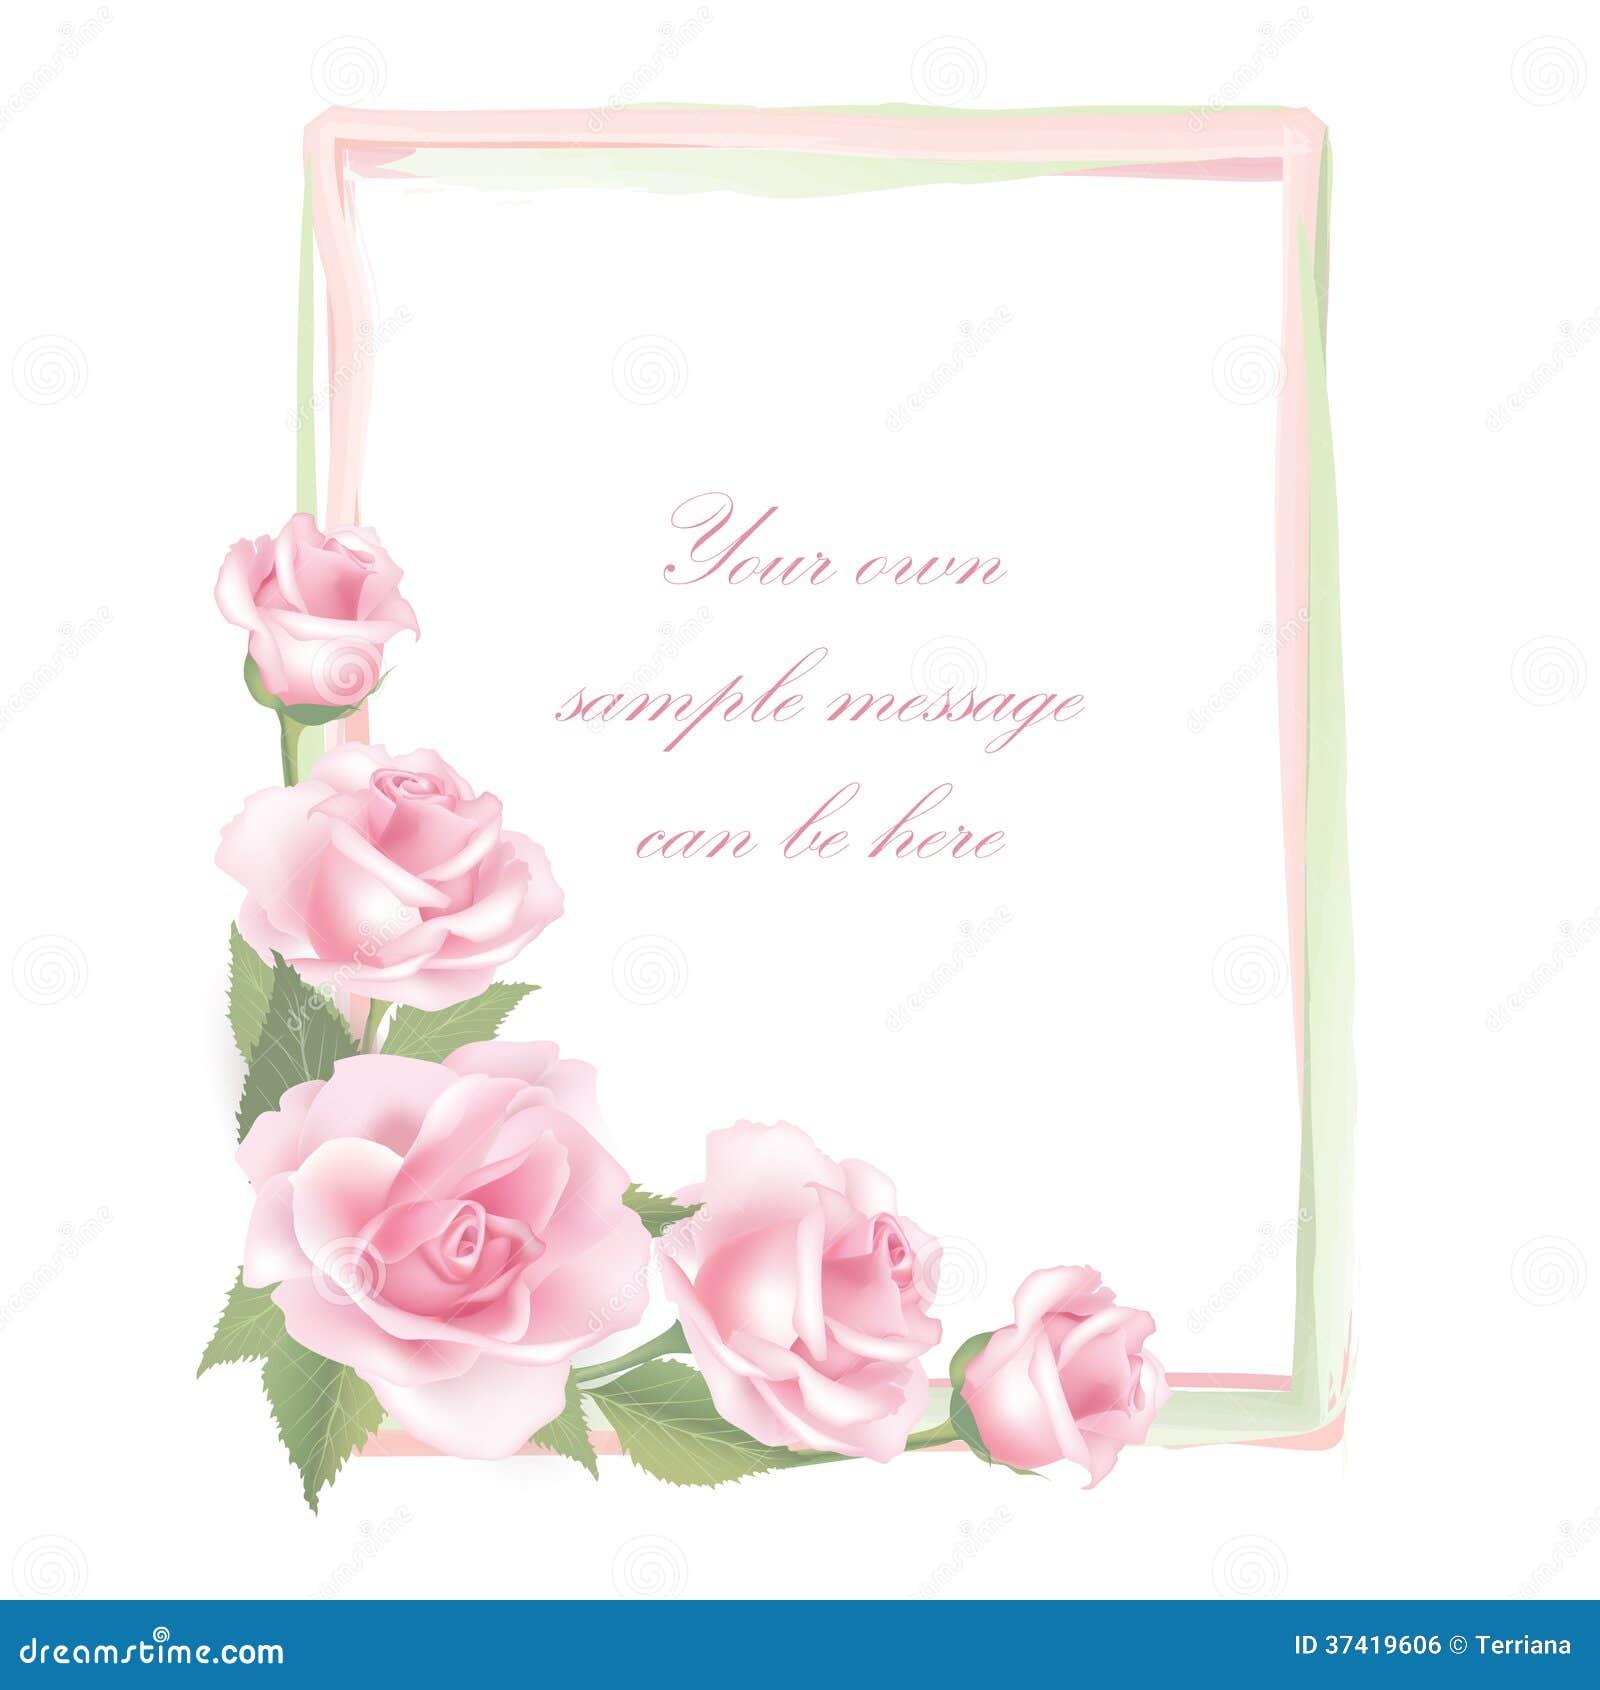 blumen rosen rahmen lokalisiert auf wei em hintergrund blumenvektordekor lizenzfreies. Black Bedroom Furniture Sets. Home Design Ideas